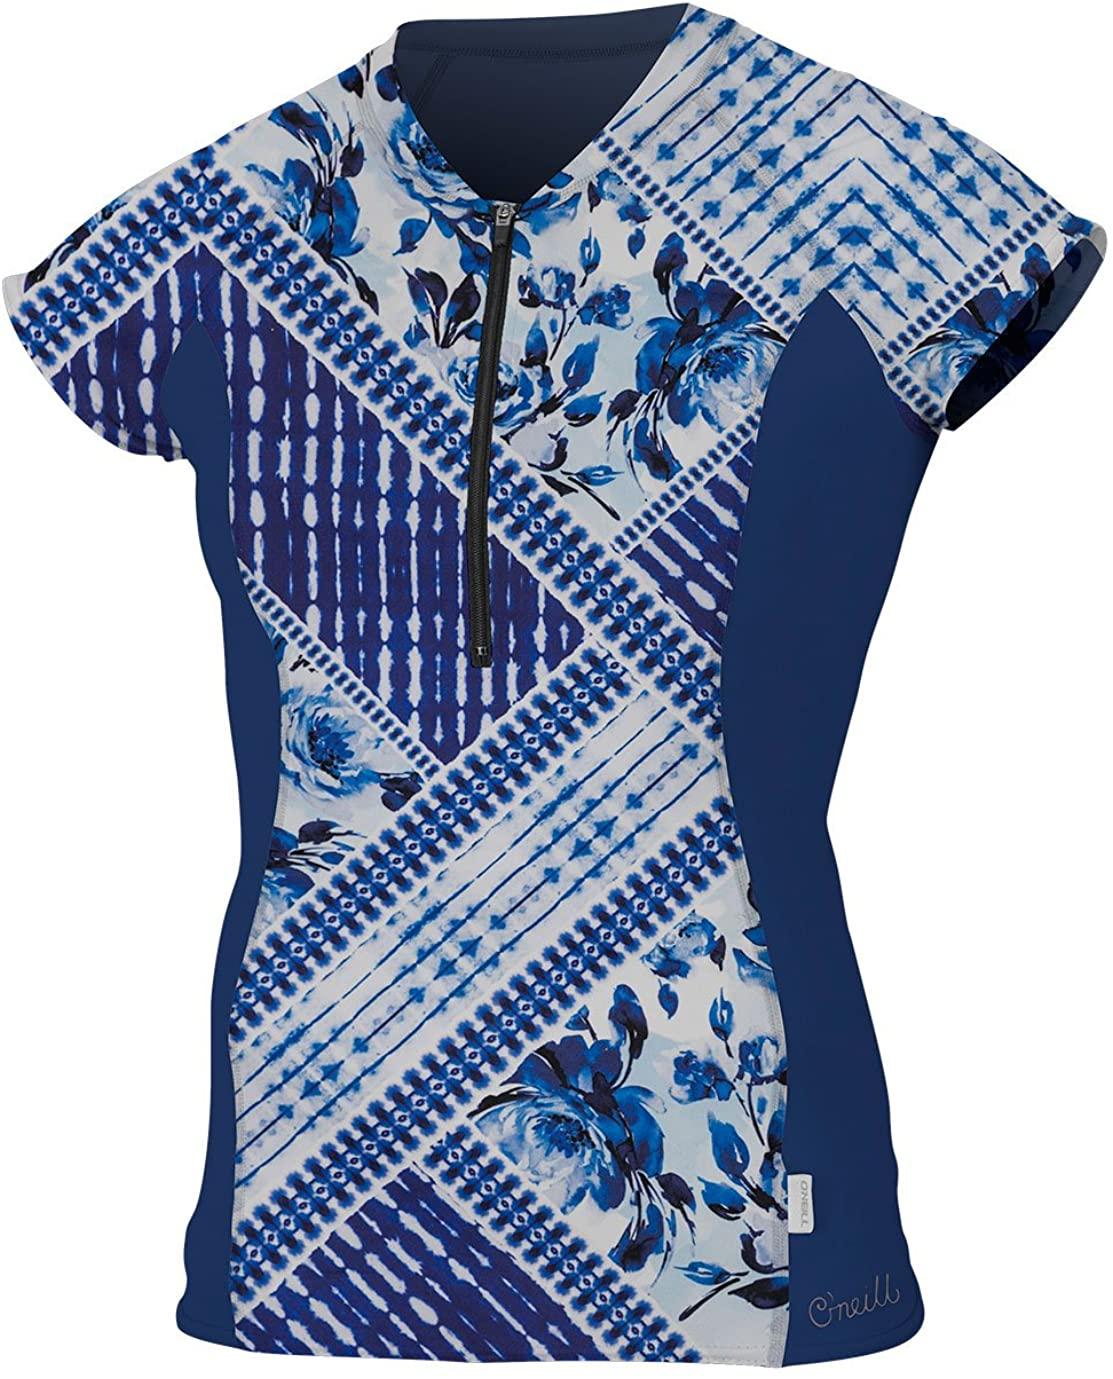 O'NEILL Cap Sleeve Sun Shirt Front Zip Indigo Patch/Navy MD (US 5-7)